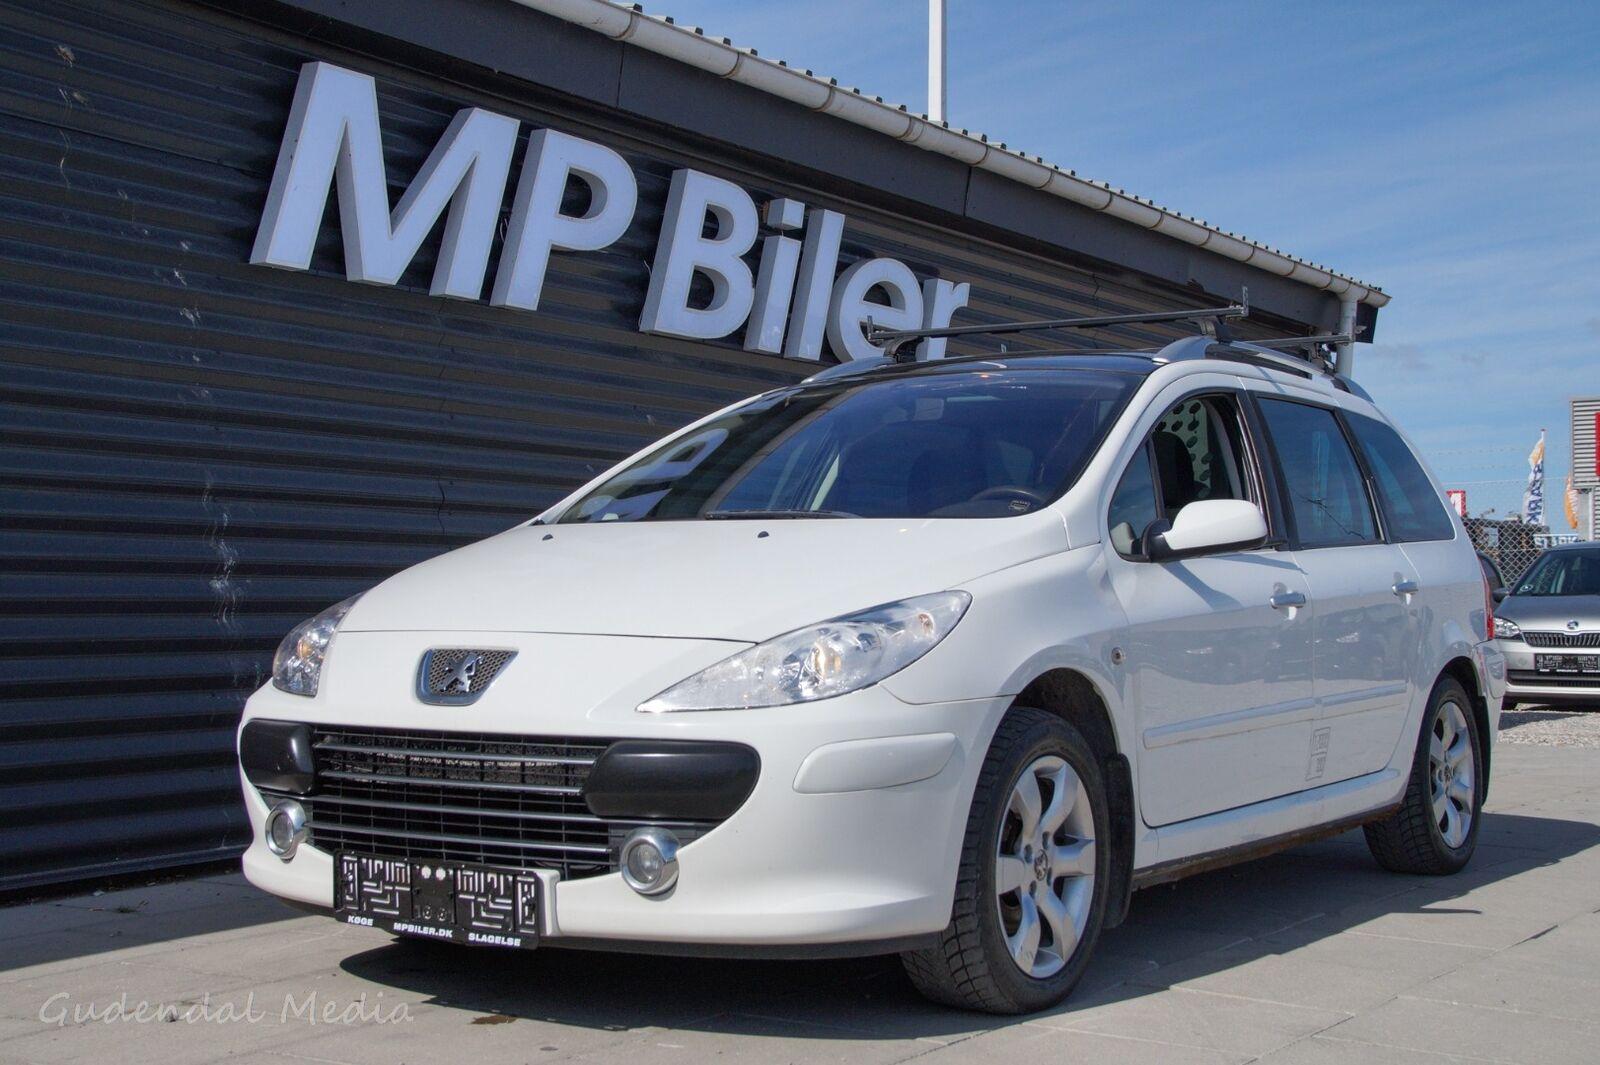 Peugeot 307 1,6 HDi 90 Airvan